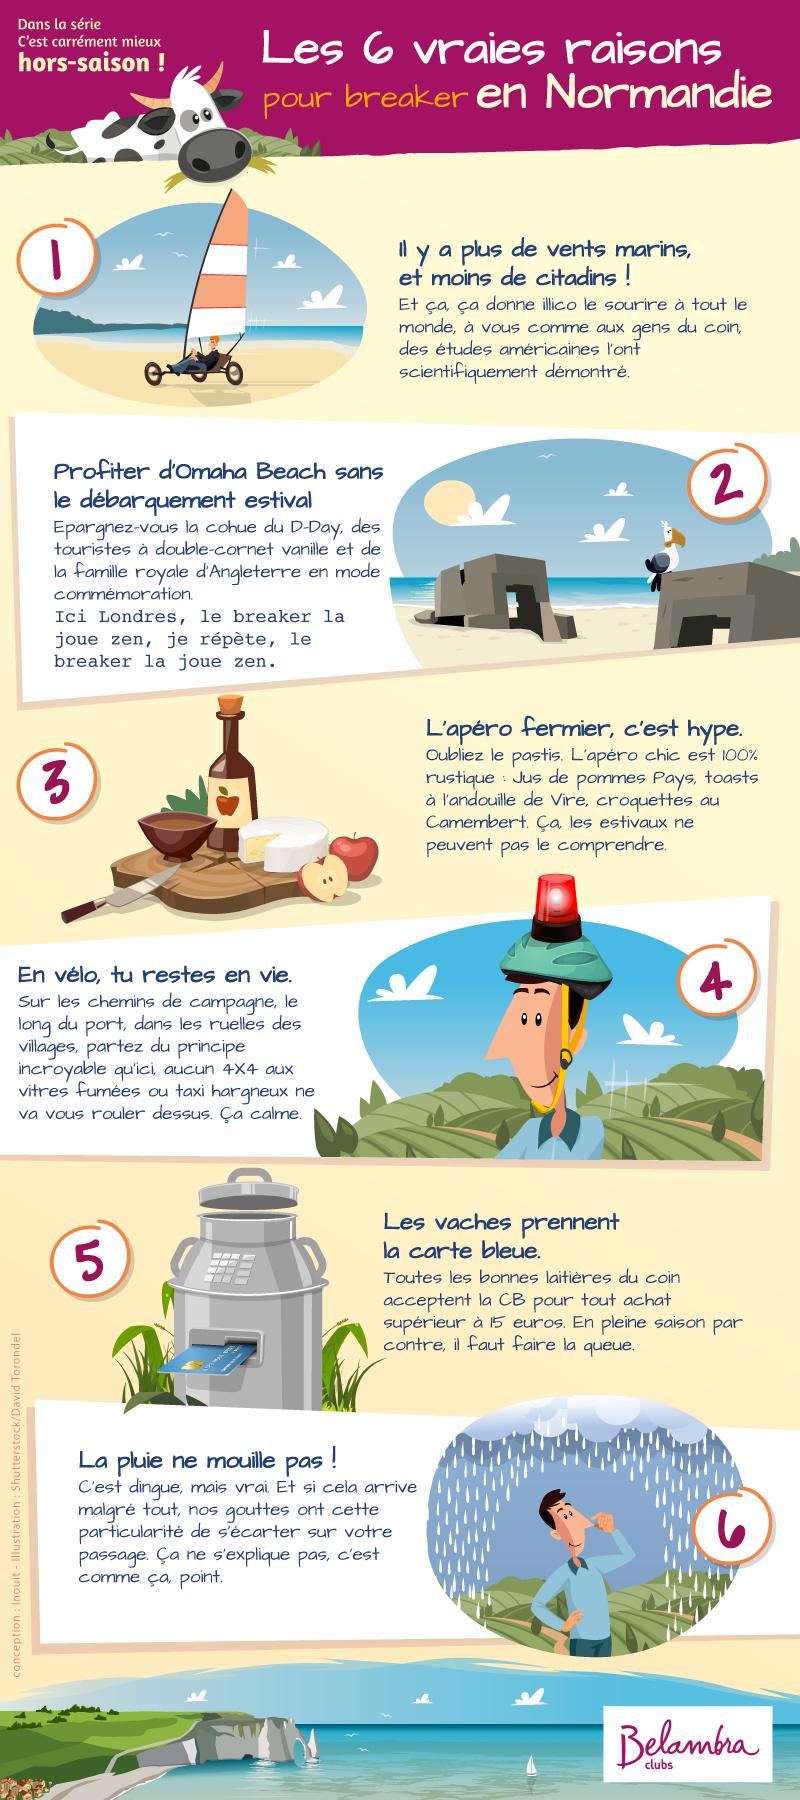 Les 6 vraies raisons pour breaker en Normandie